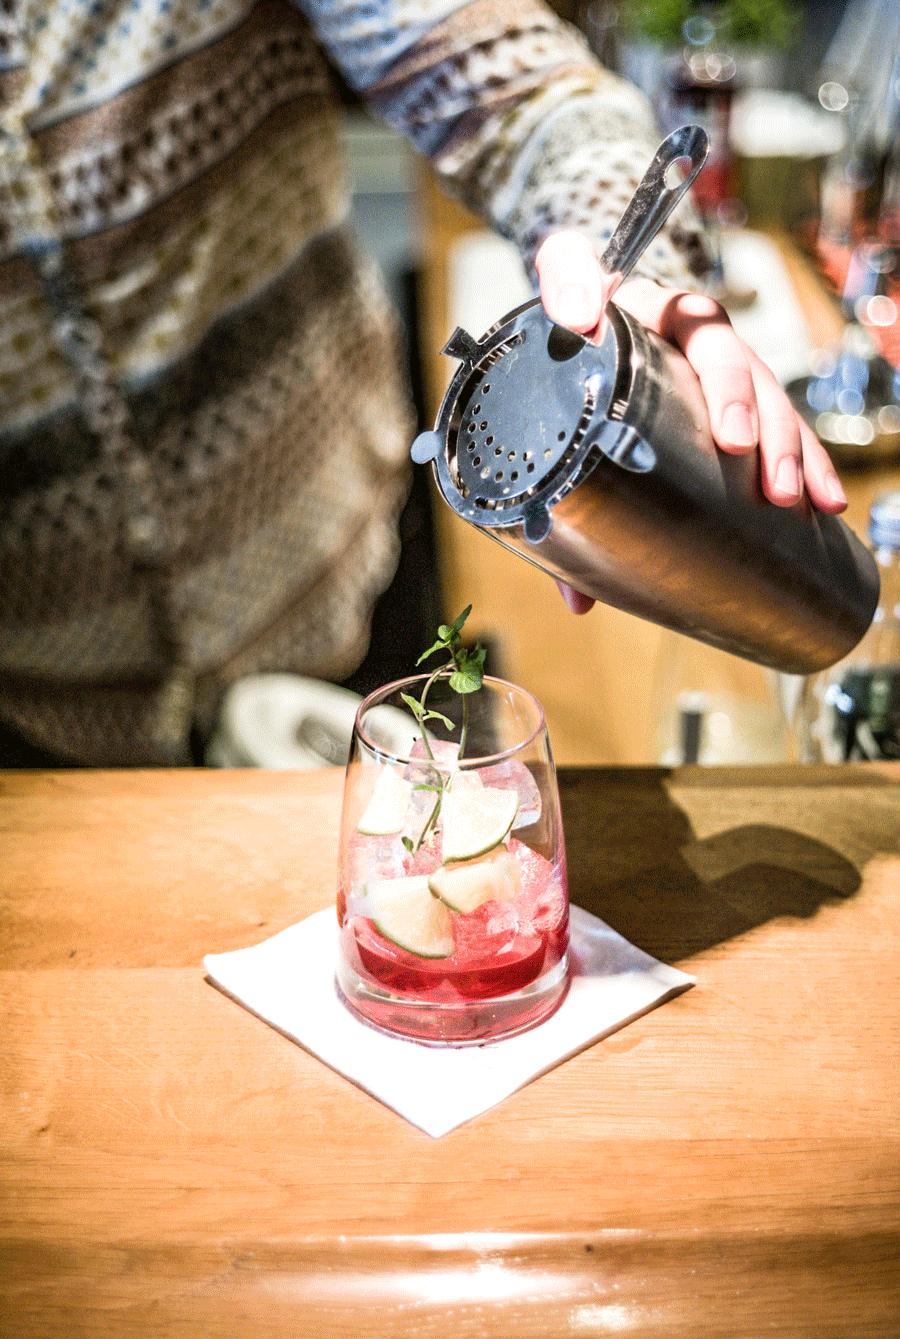 KATHARINA'S COCKTAIL NIGHT - Katharina lässt sich jeden Freitag schöne Spezialitäten zur Cocktail Night einfallen.Sei dabei und JOIN IN!